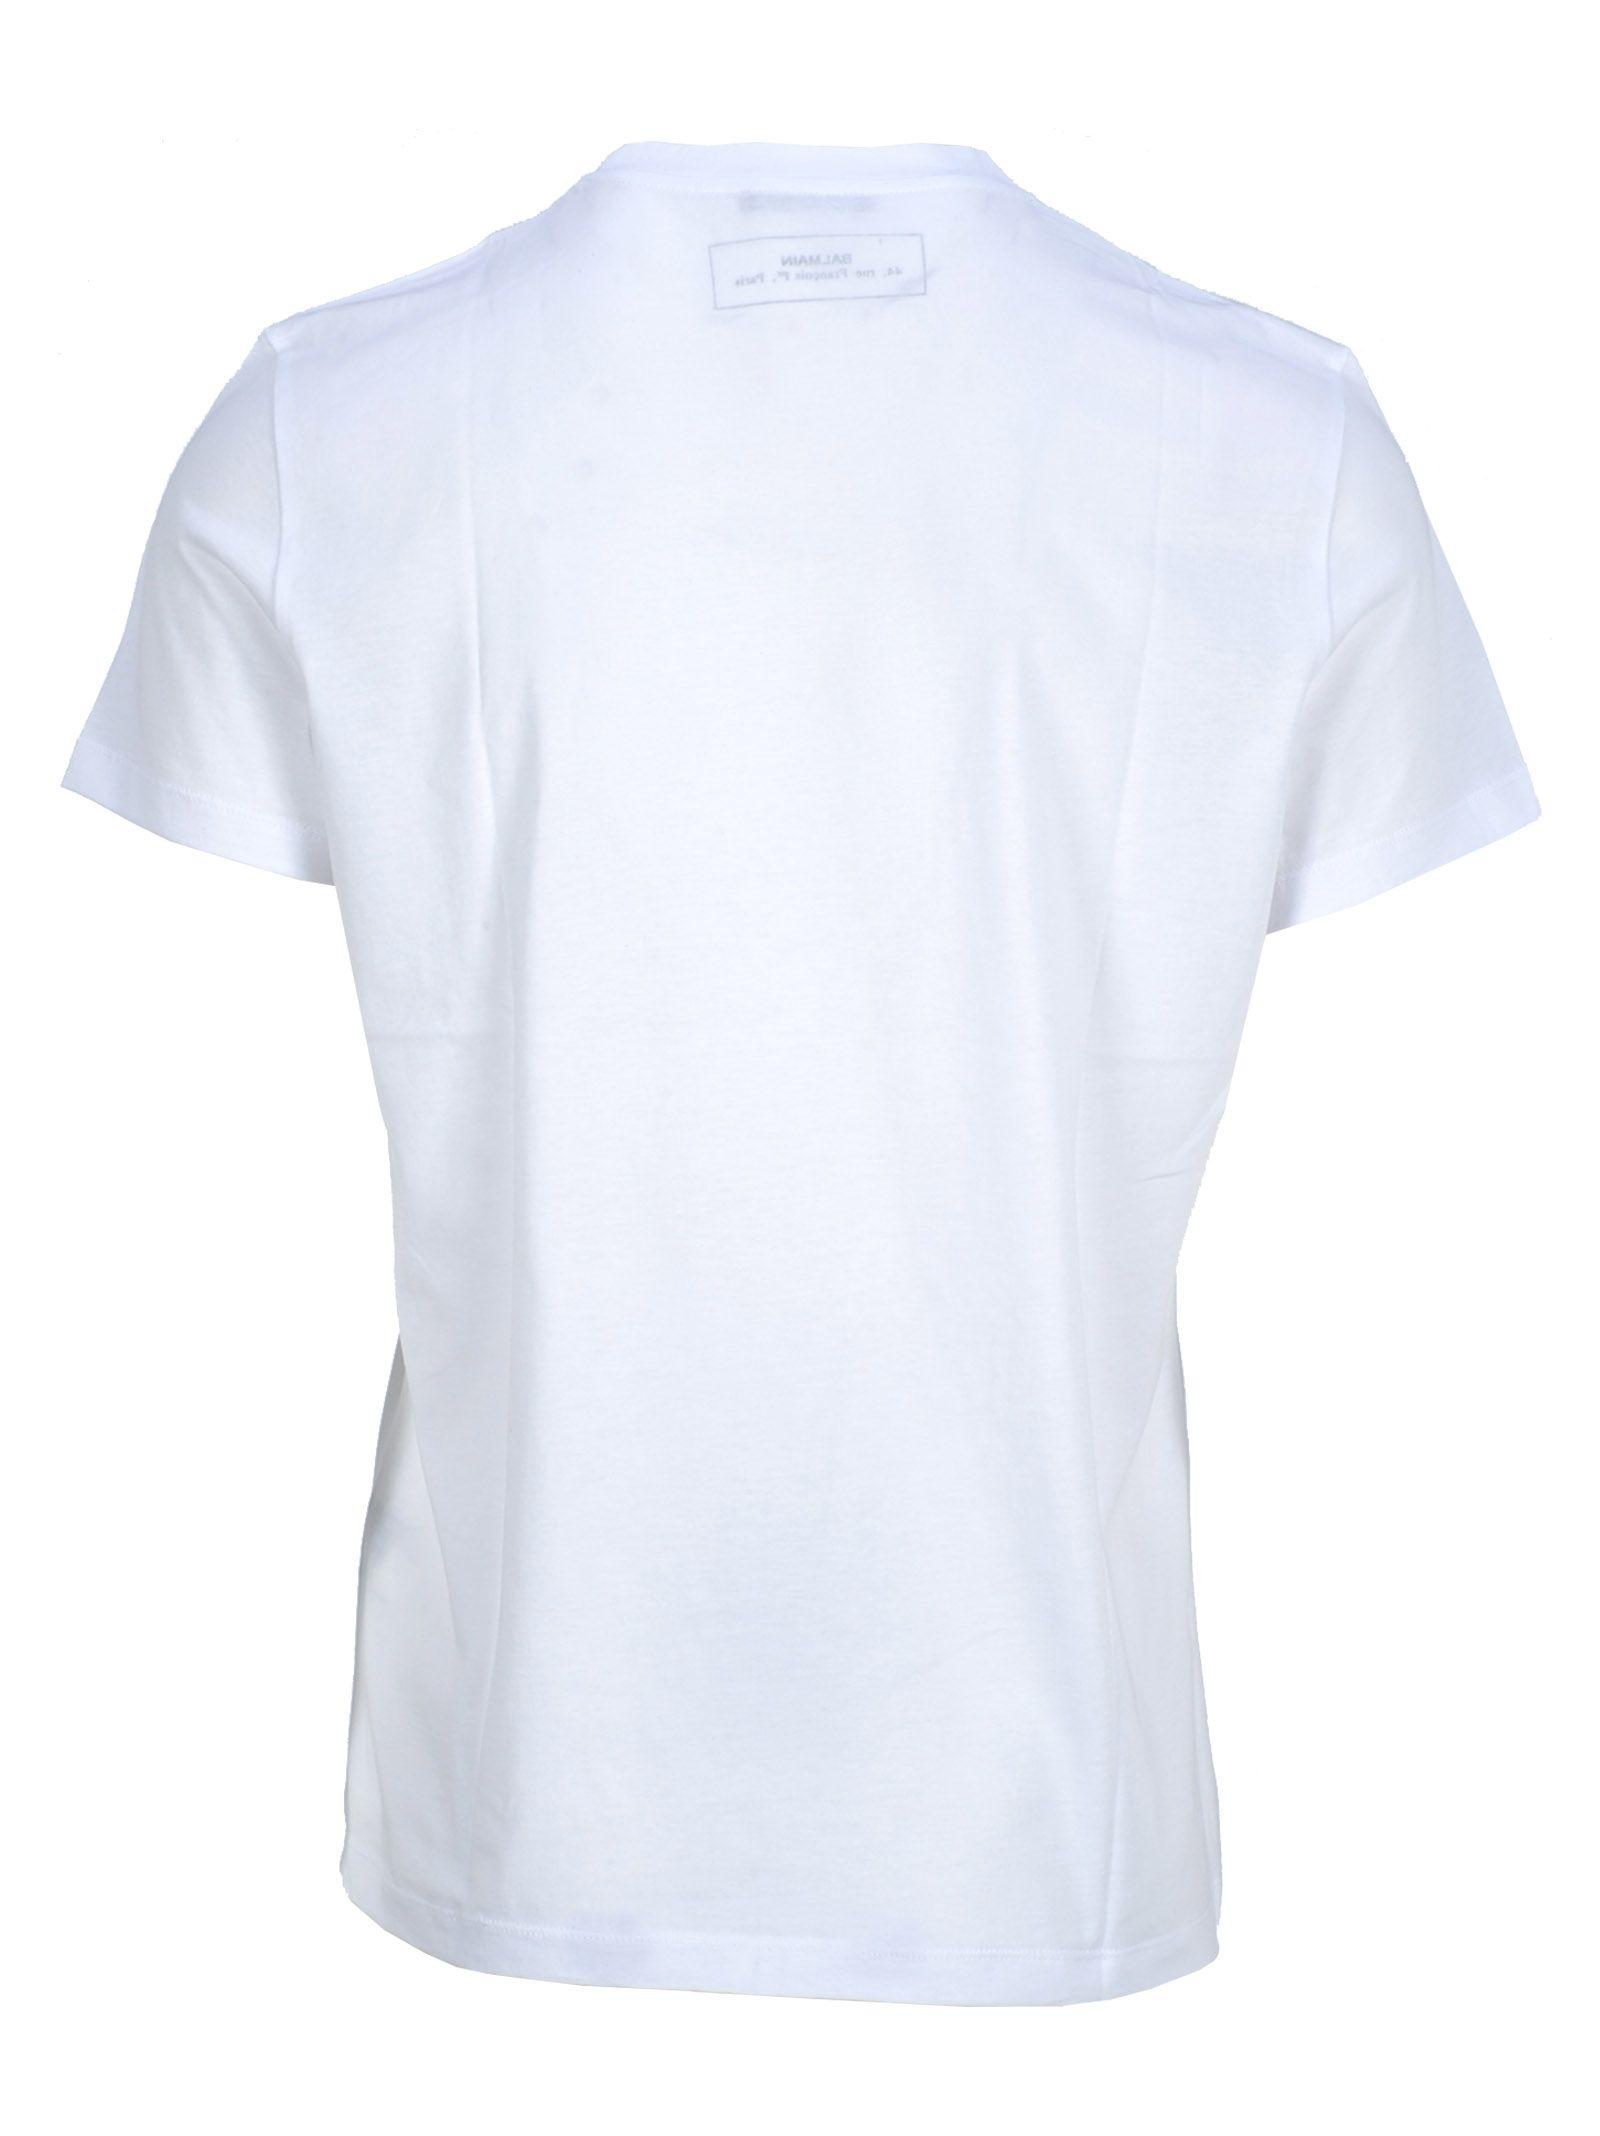 2d4f8bc5d Balmain Balmain Balmain Logo Print T-shirt - WHITE + RAINBOW ...